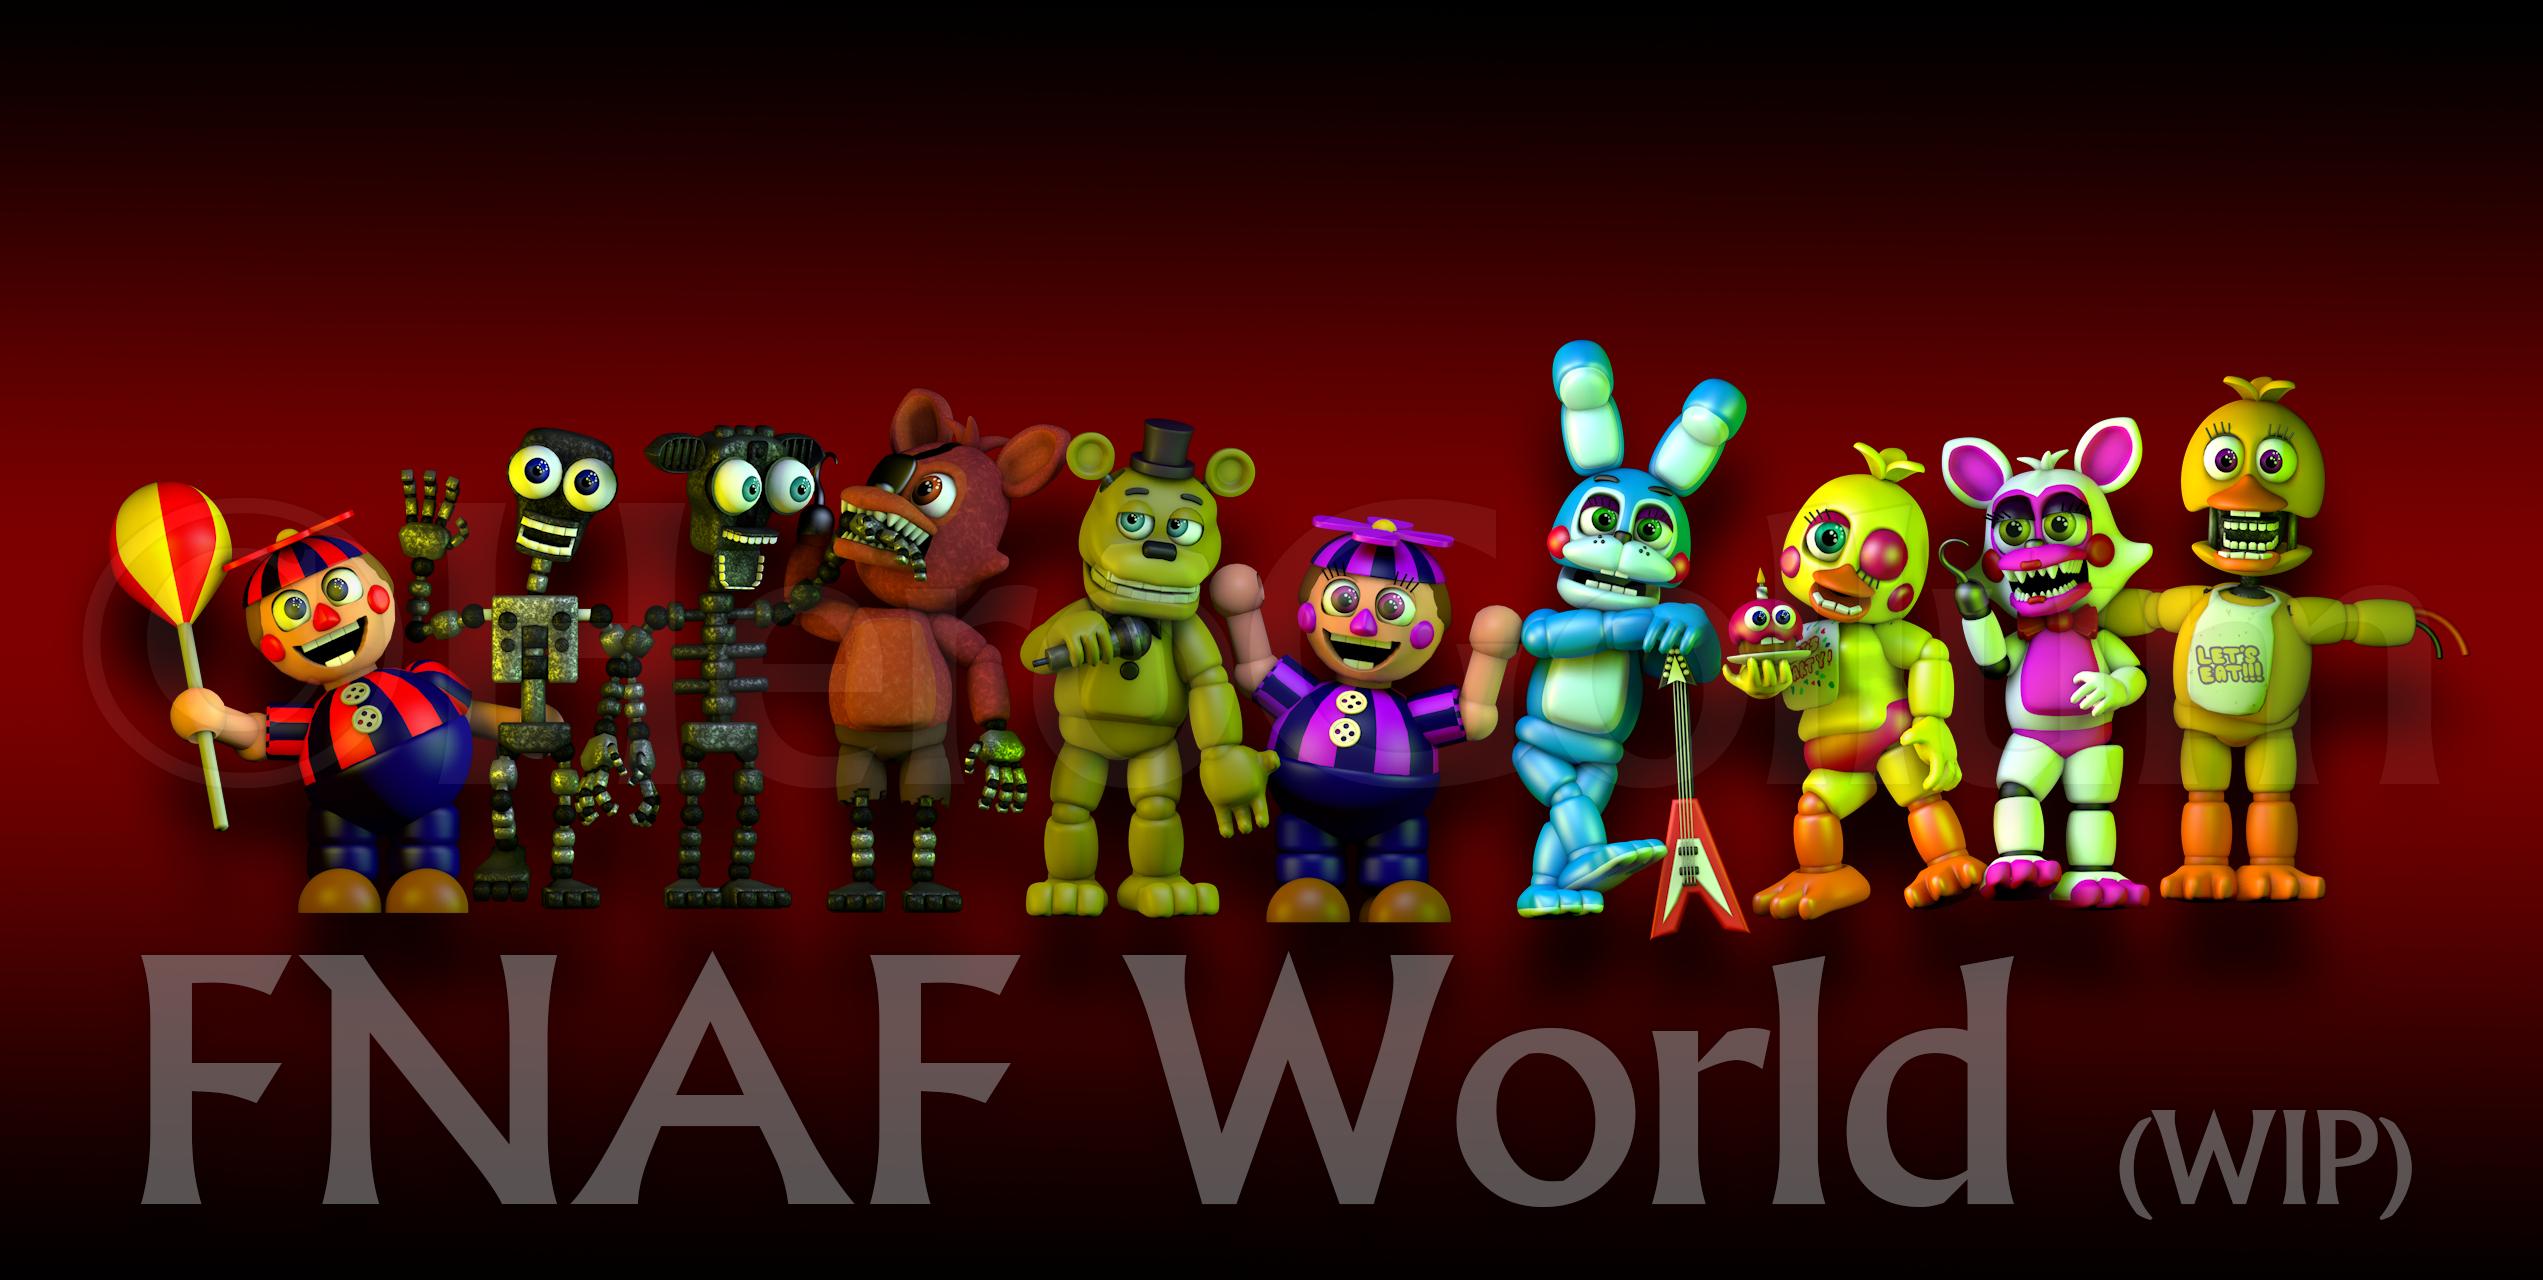 FNAF World Art by HeroGollum 2543x1280